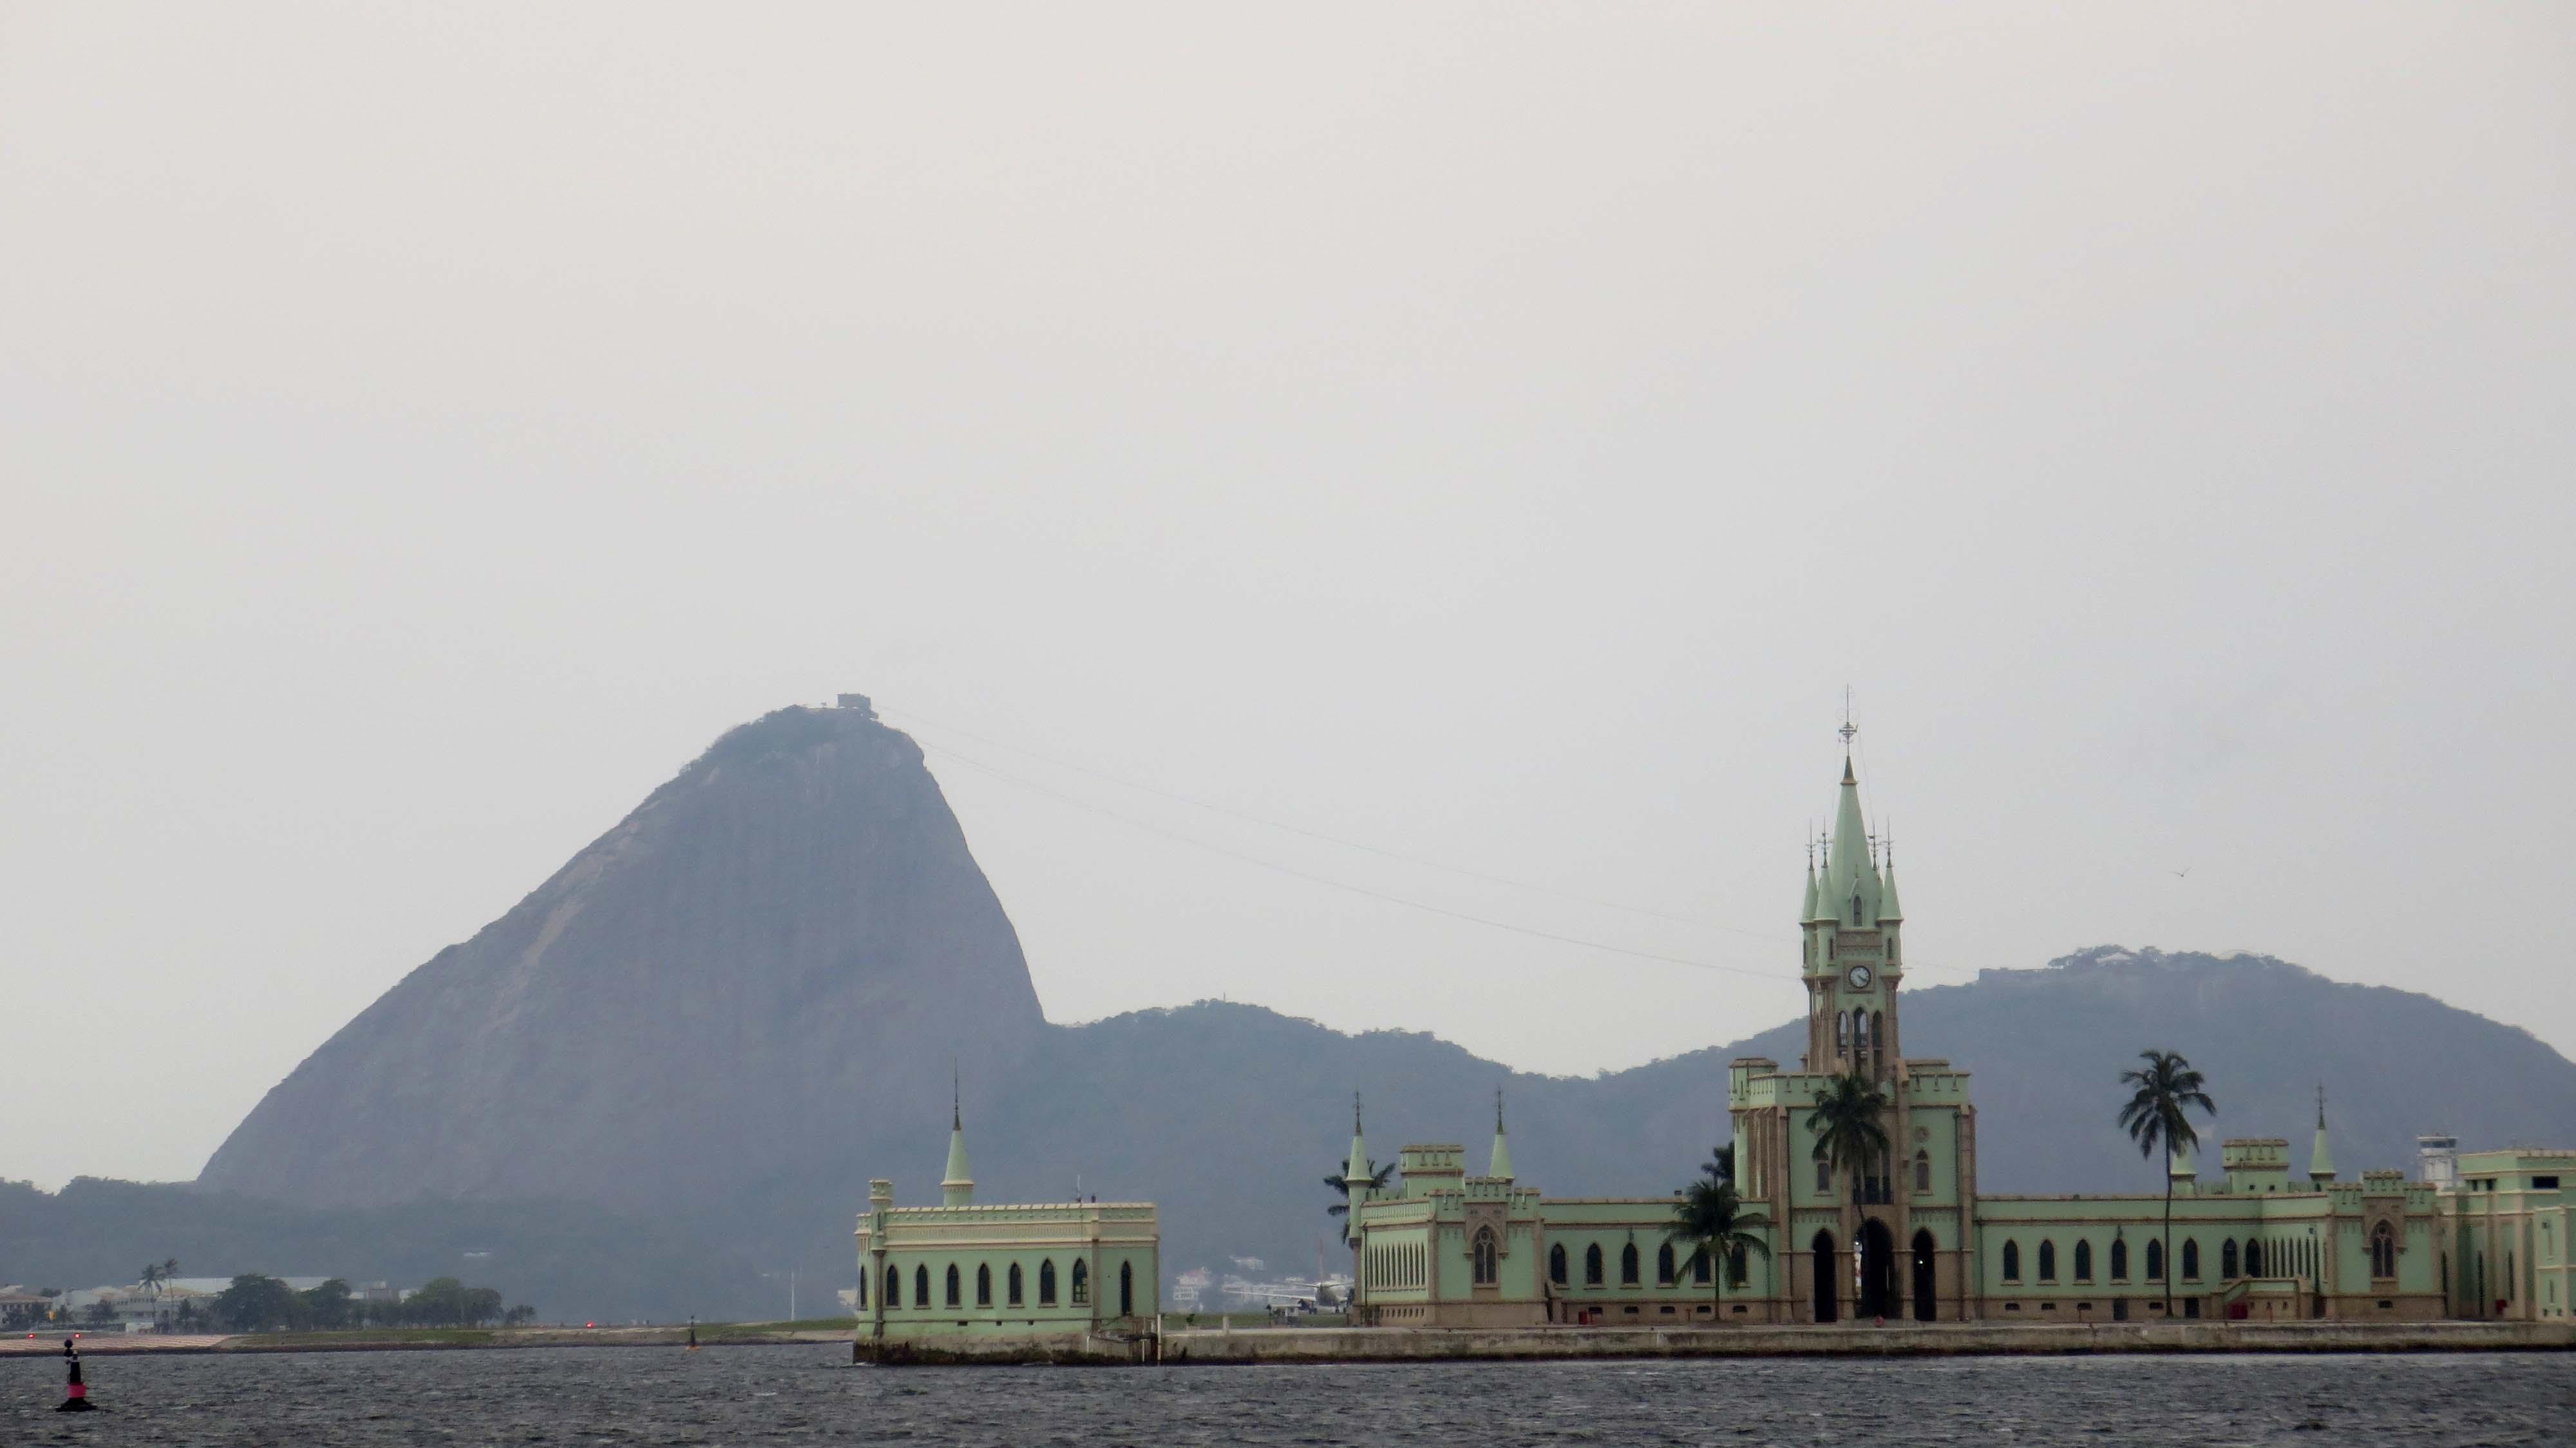 Ilha Fiscal e Pão de Açúcar, vista da embarcação do Passeio Marítimo na Baía de Guanabara